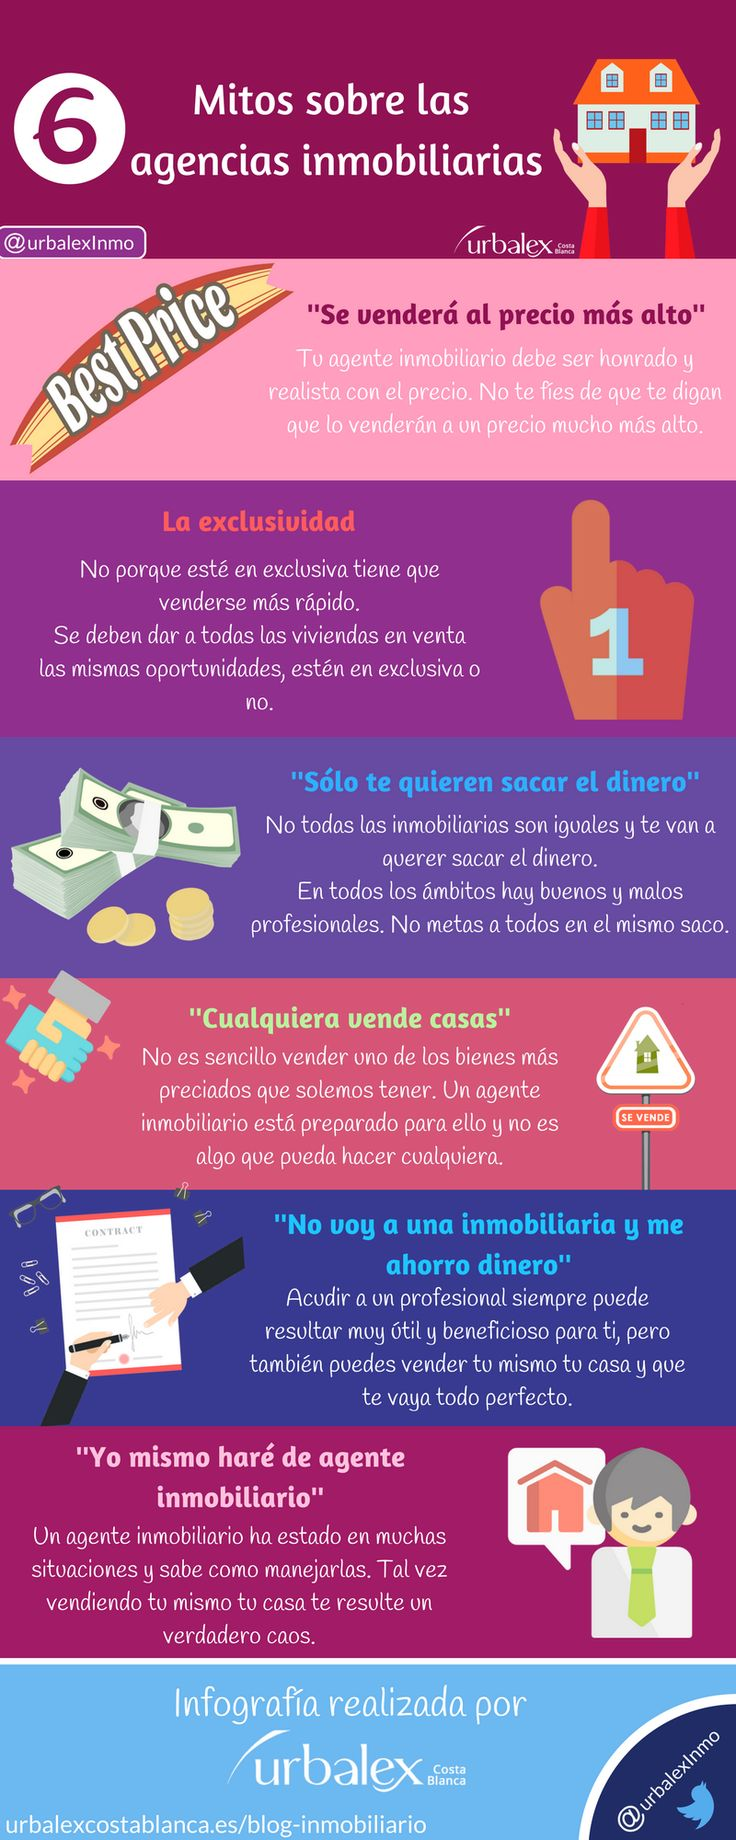 Mitos sobre las agencias #inmobiliarias